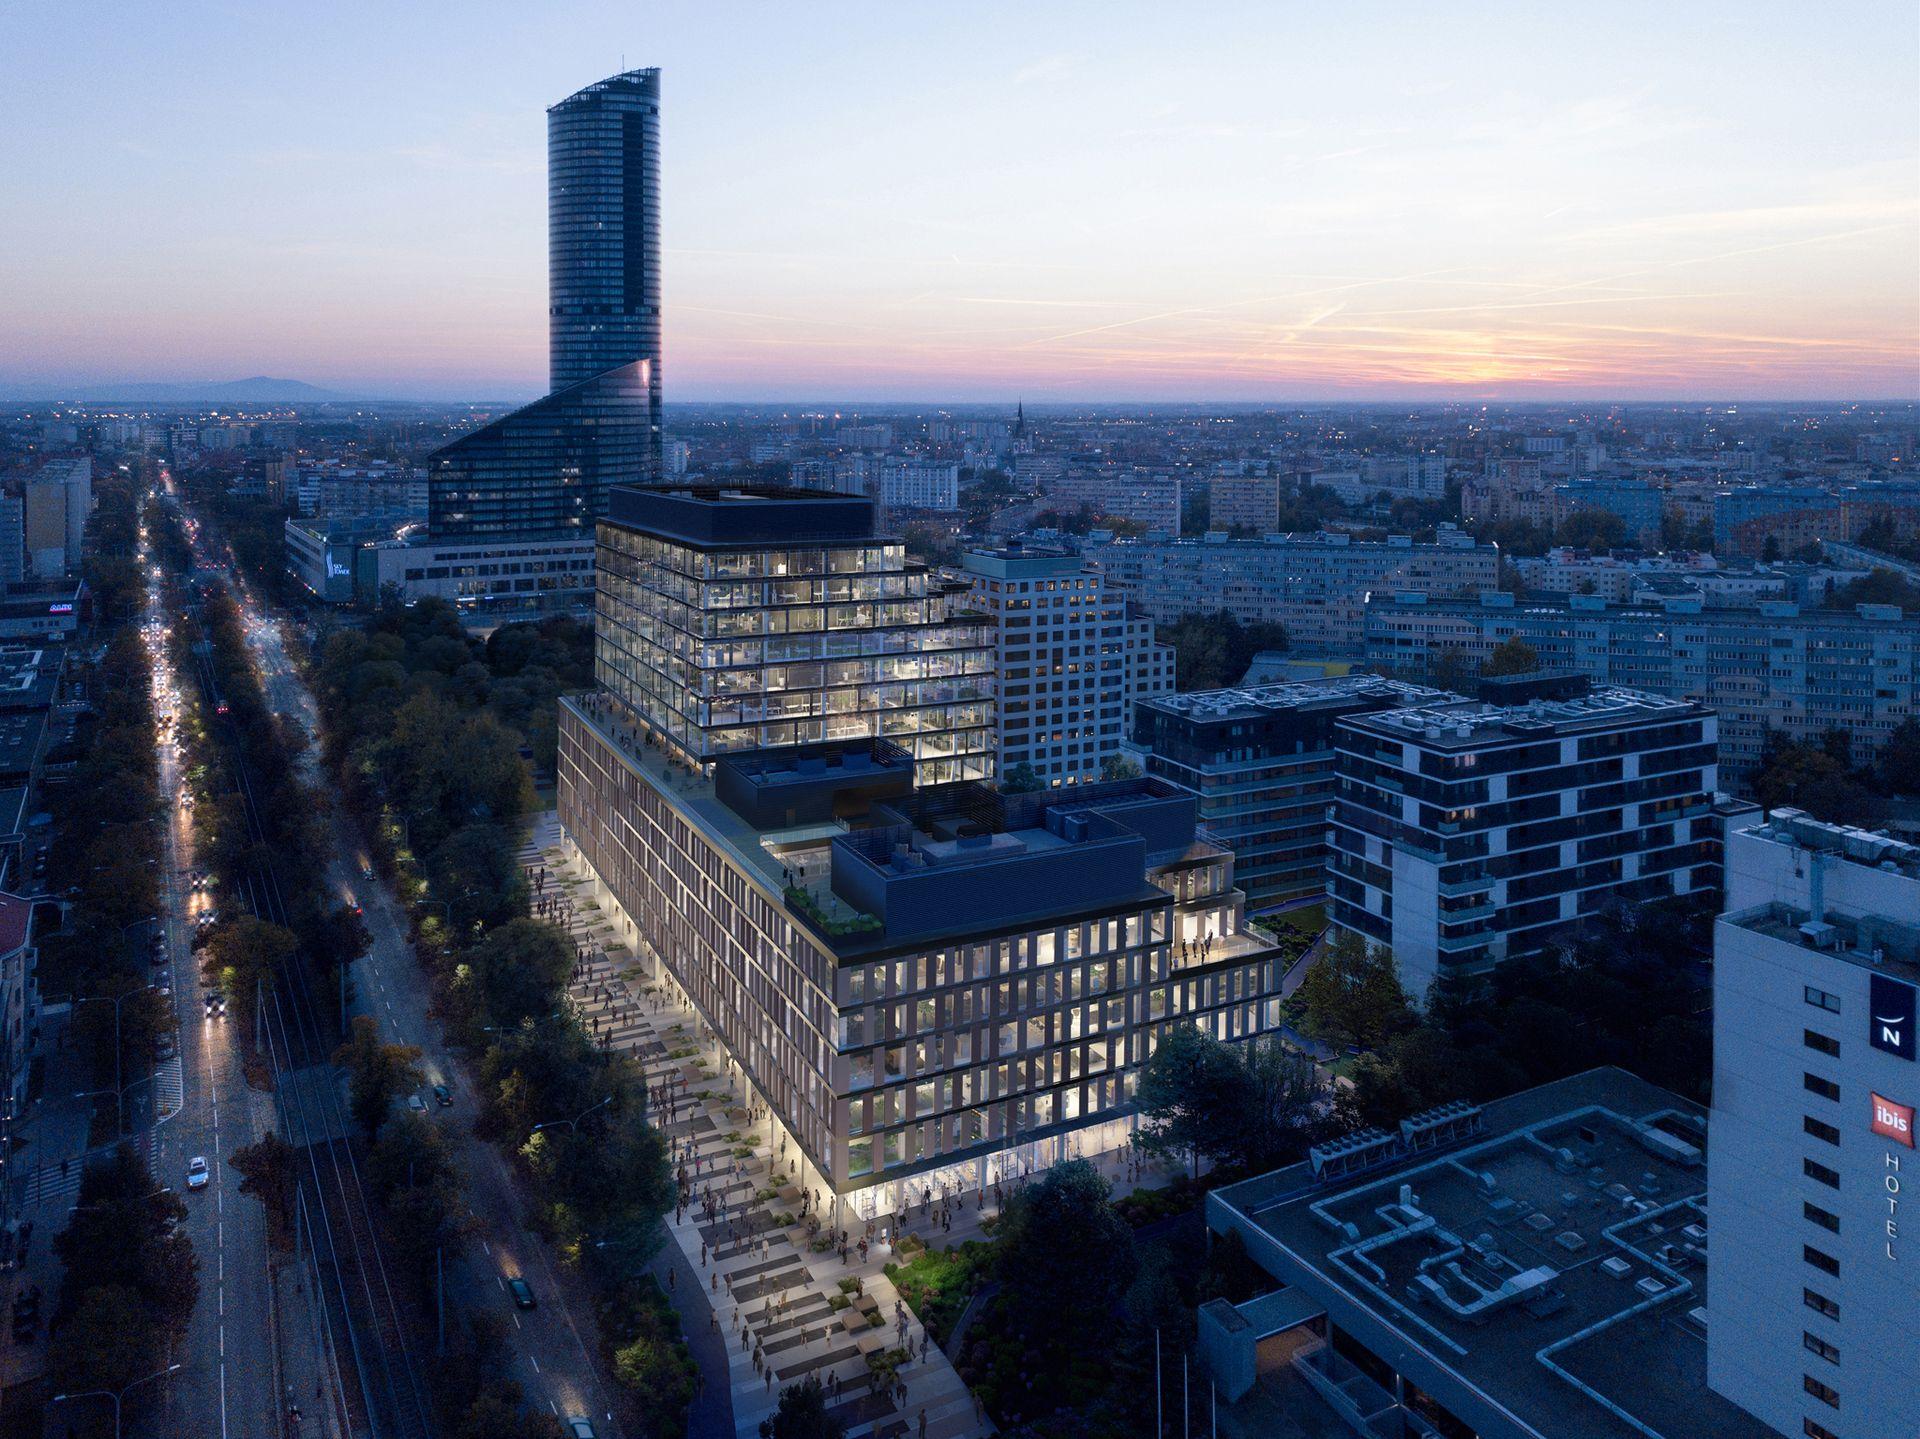 W centrum Wrocławia powstaje nowy biurowiec MidPoint 71 [FILM]